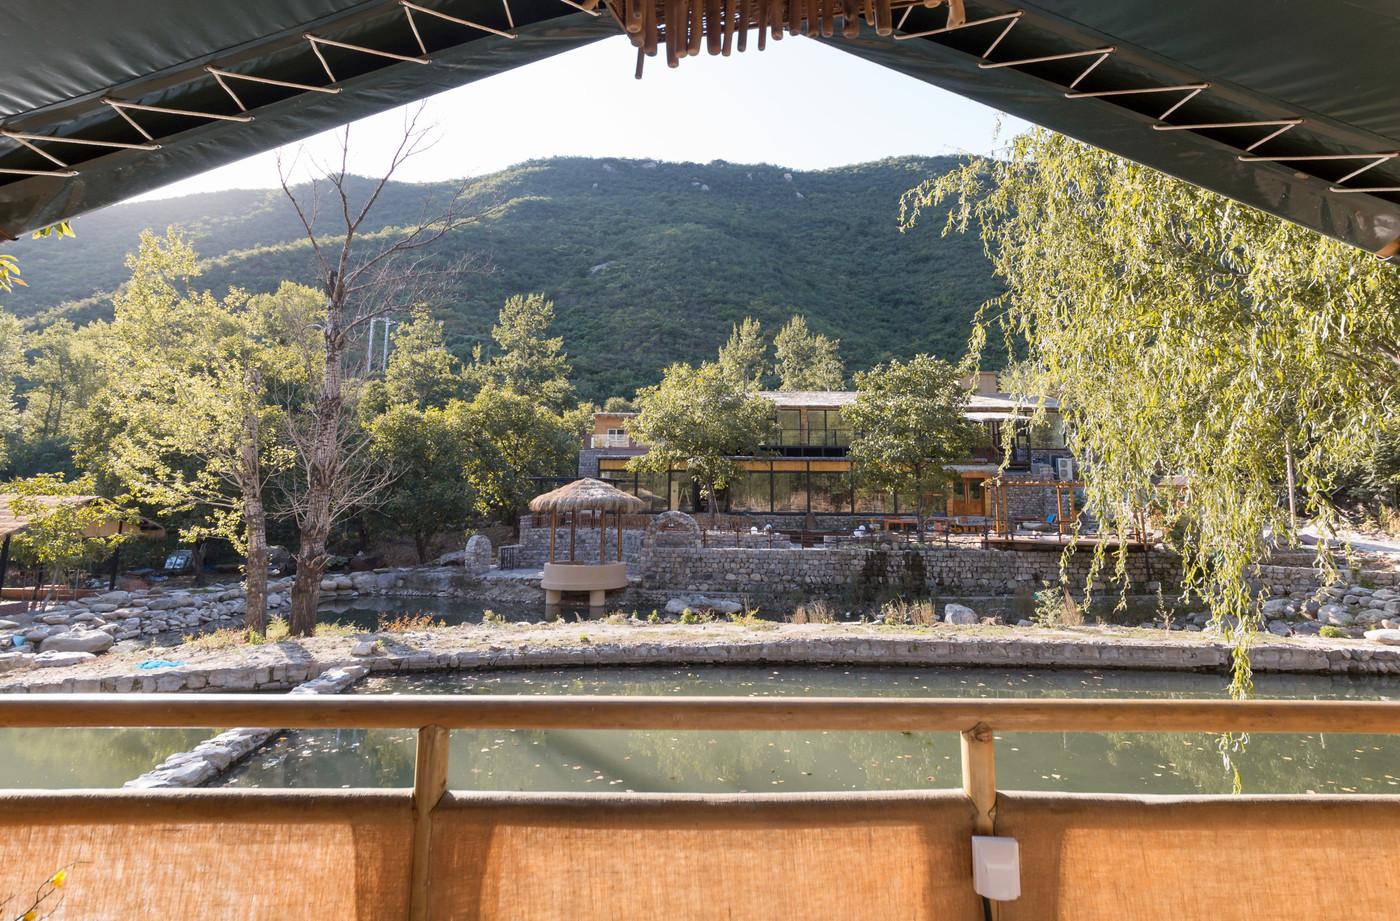 喜马拉雅野奢帐篷酒店一北京石头 剪刀 布一私享院子 54平山谷型  22